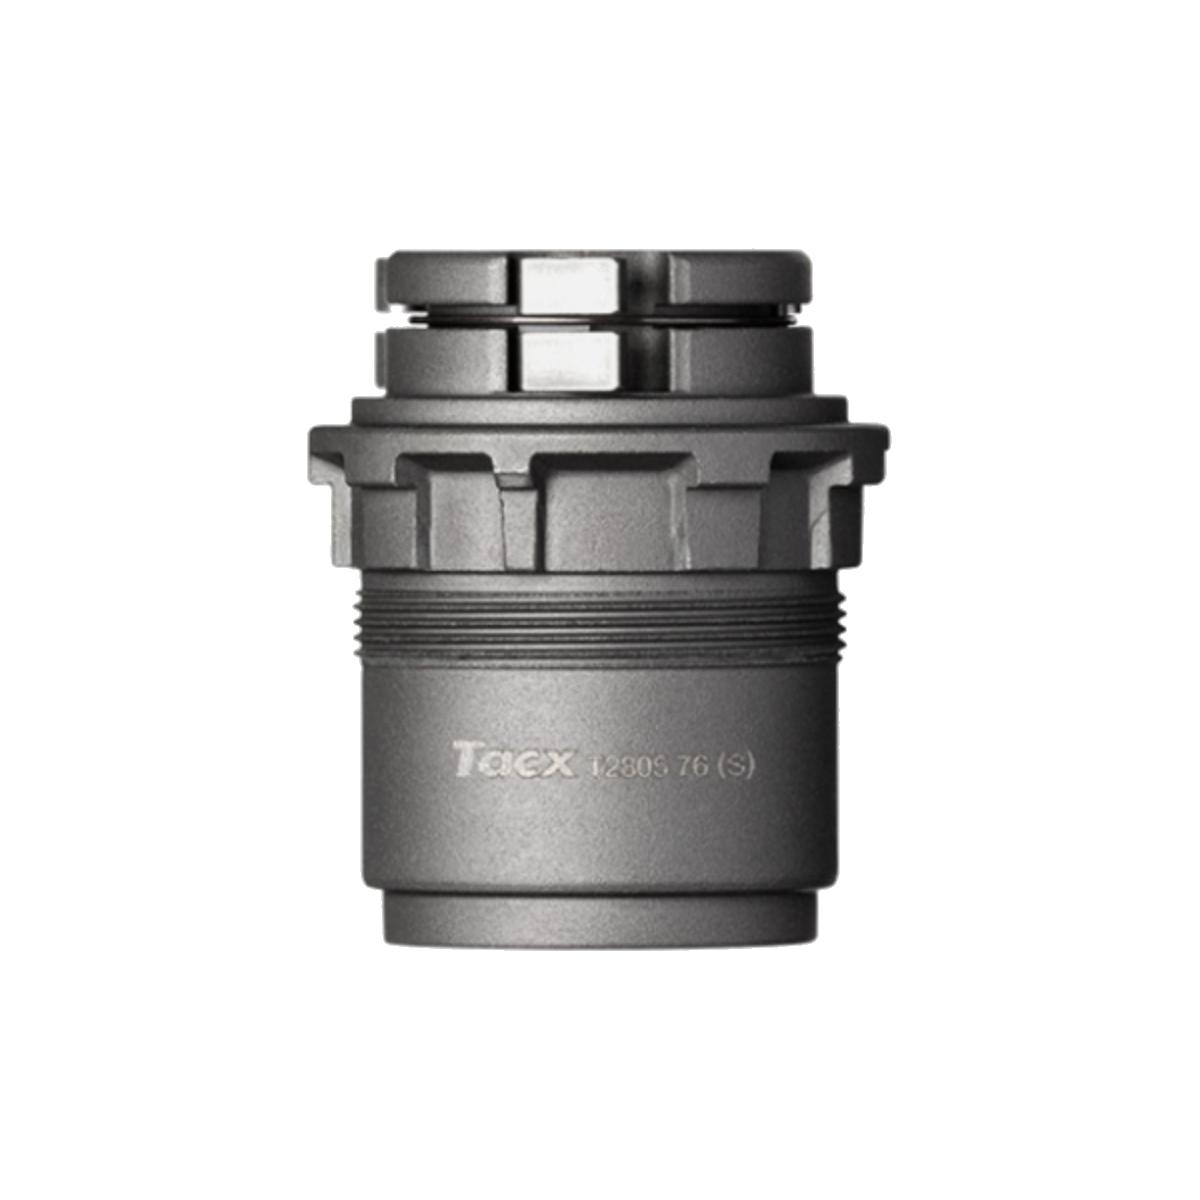 CORPS DE CASSETTE TACX T2875.76 COMPATIBLE FLUX S - FLUX 2 - NEO 2T SRAM XD/XDR